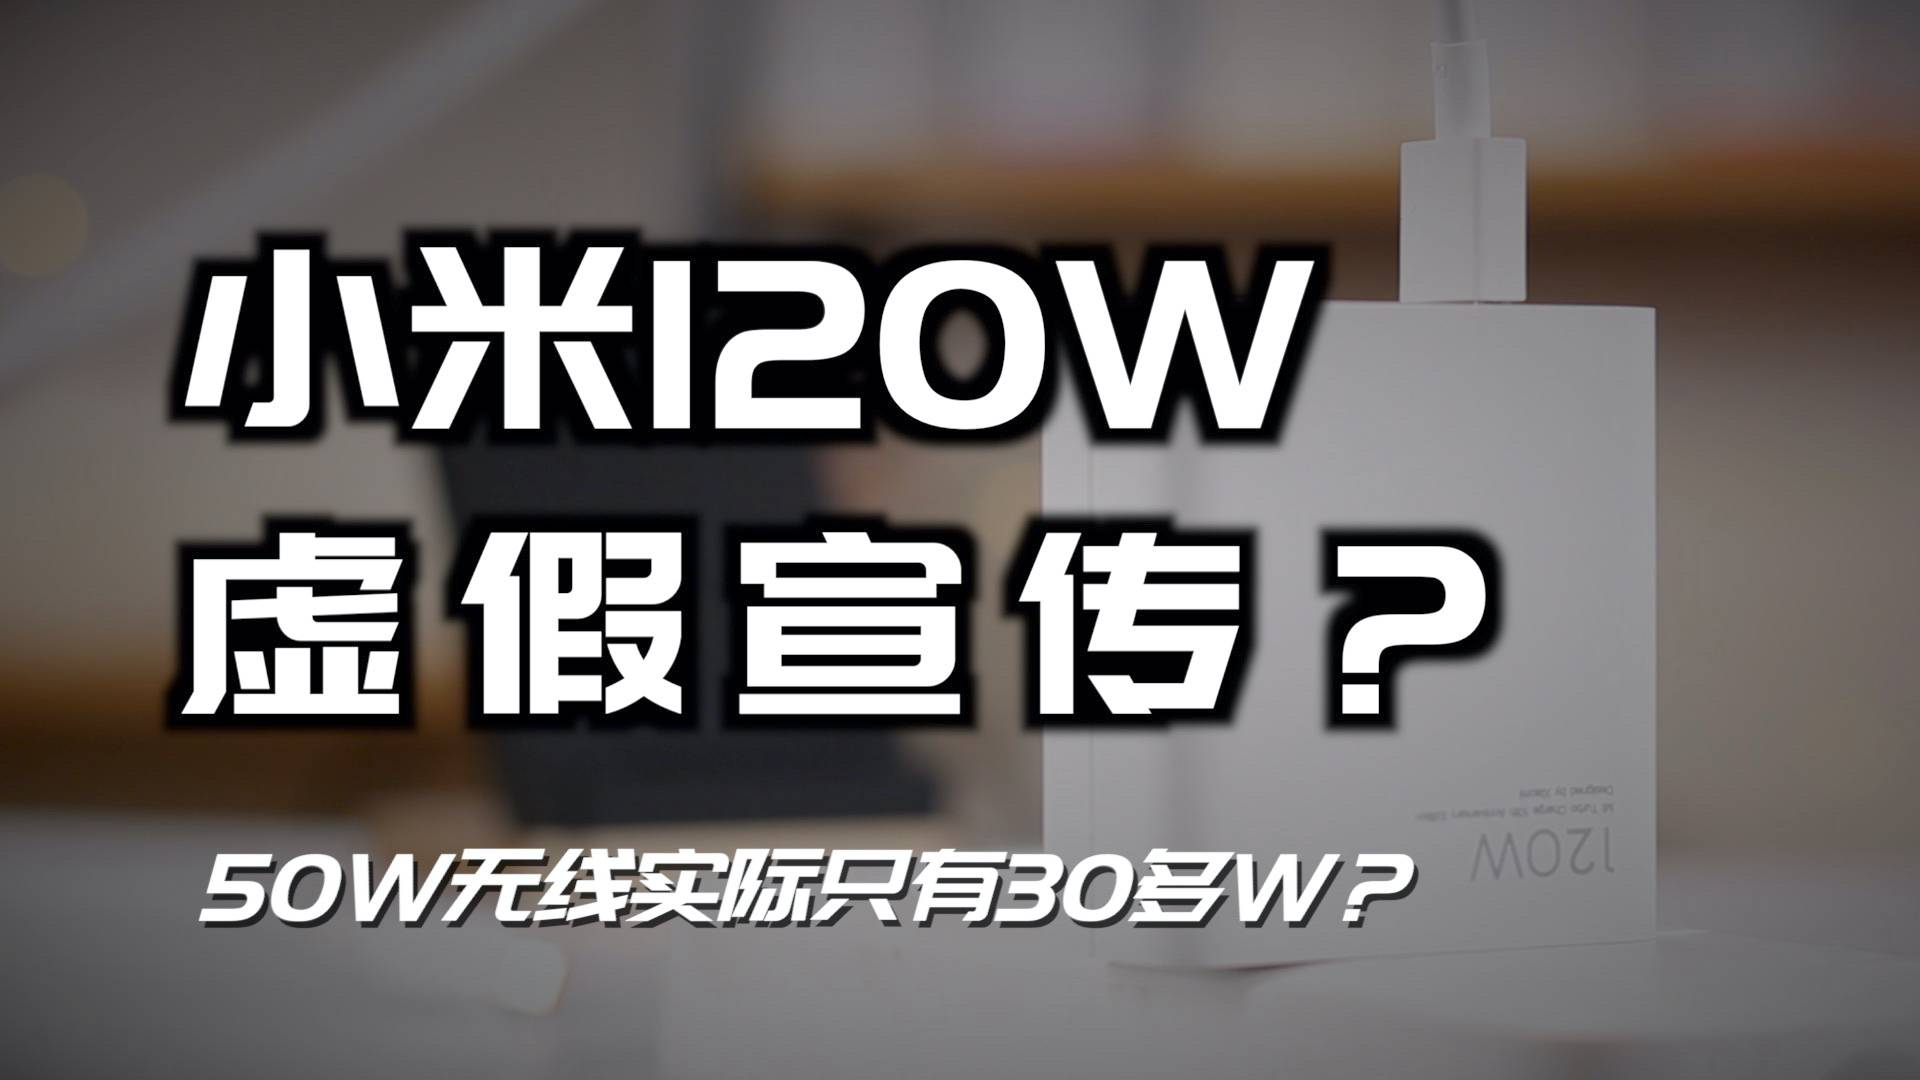 小米120W充电虚假宣传?50W无线实际只有30多W?